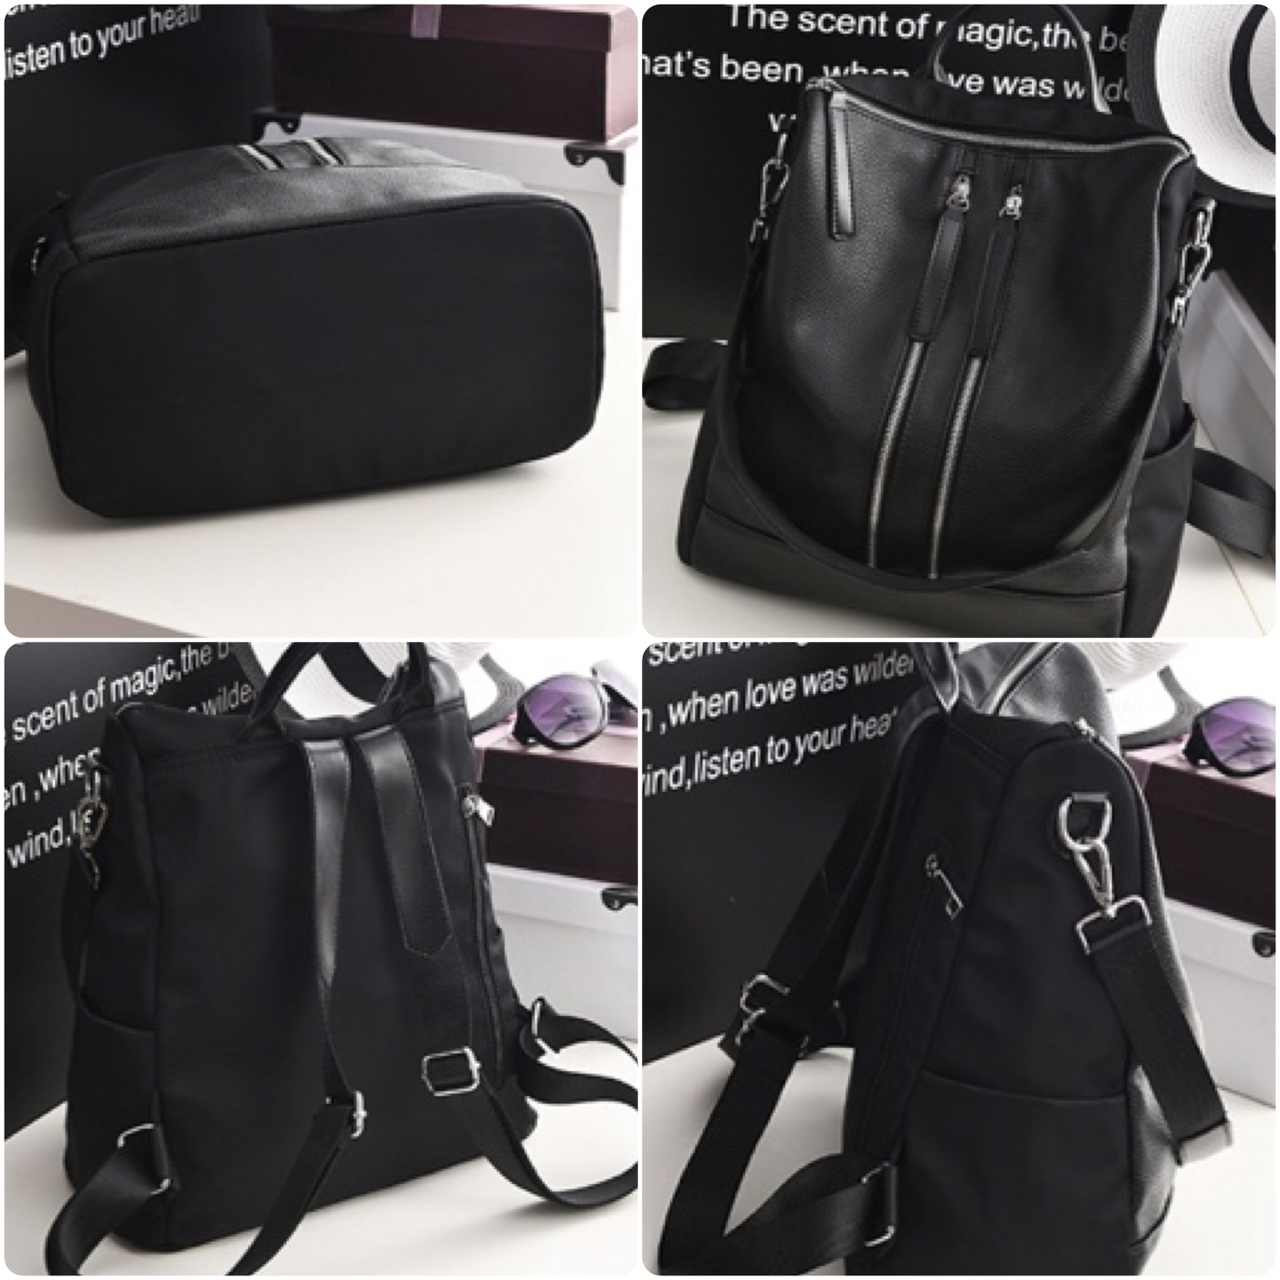 f592ef68ffb Женский рюкзак - сумка Оксфорд Школьный, Студенческий: продажа, цена ...